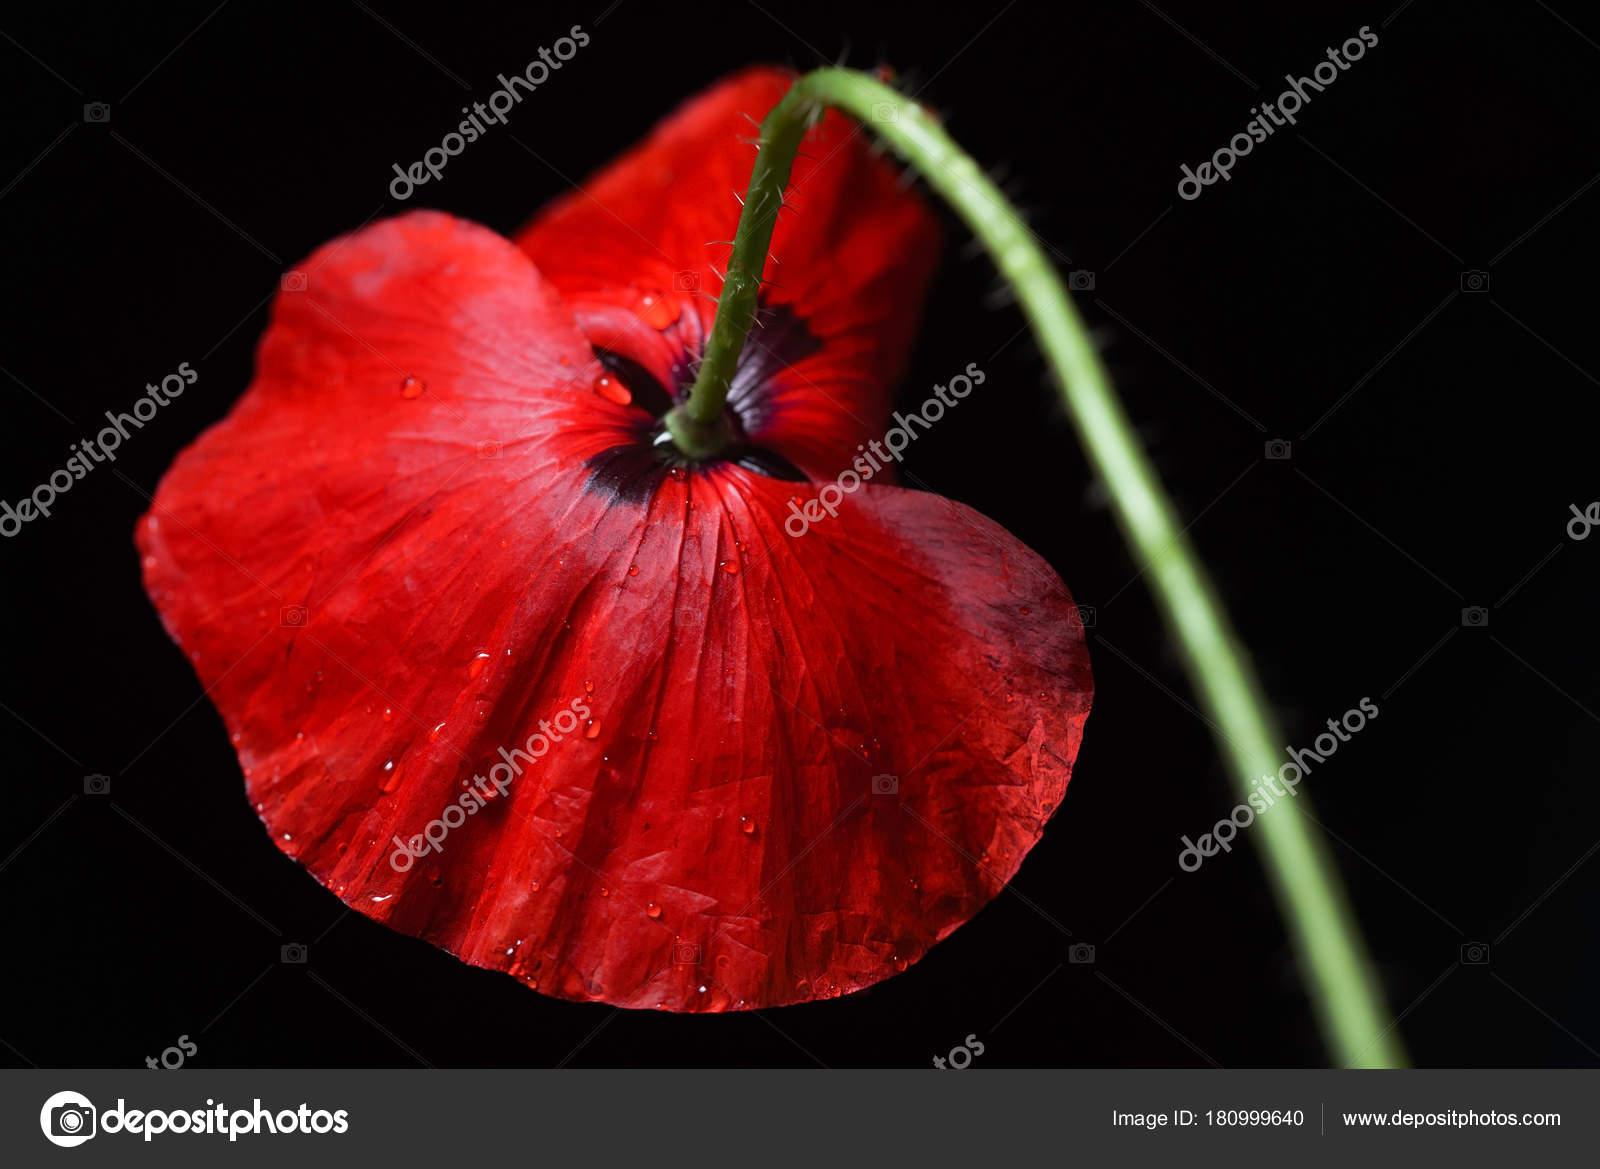 Poppy flower black background stock photo shebeko 180999640 poppy flower black background stock photo mightylinksfo